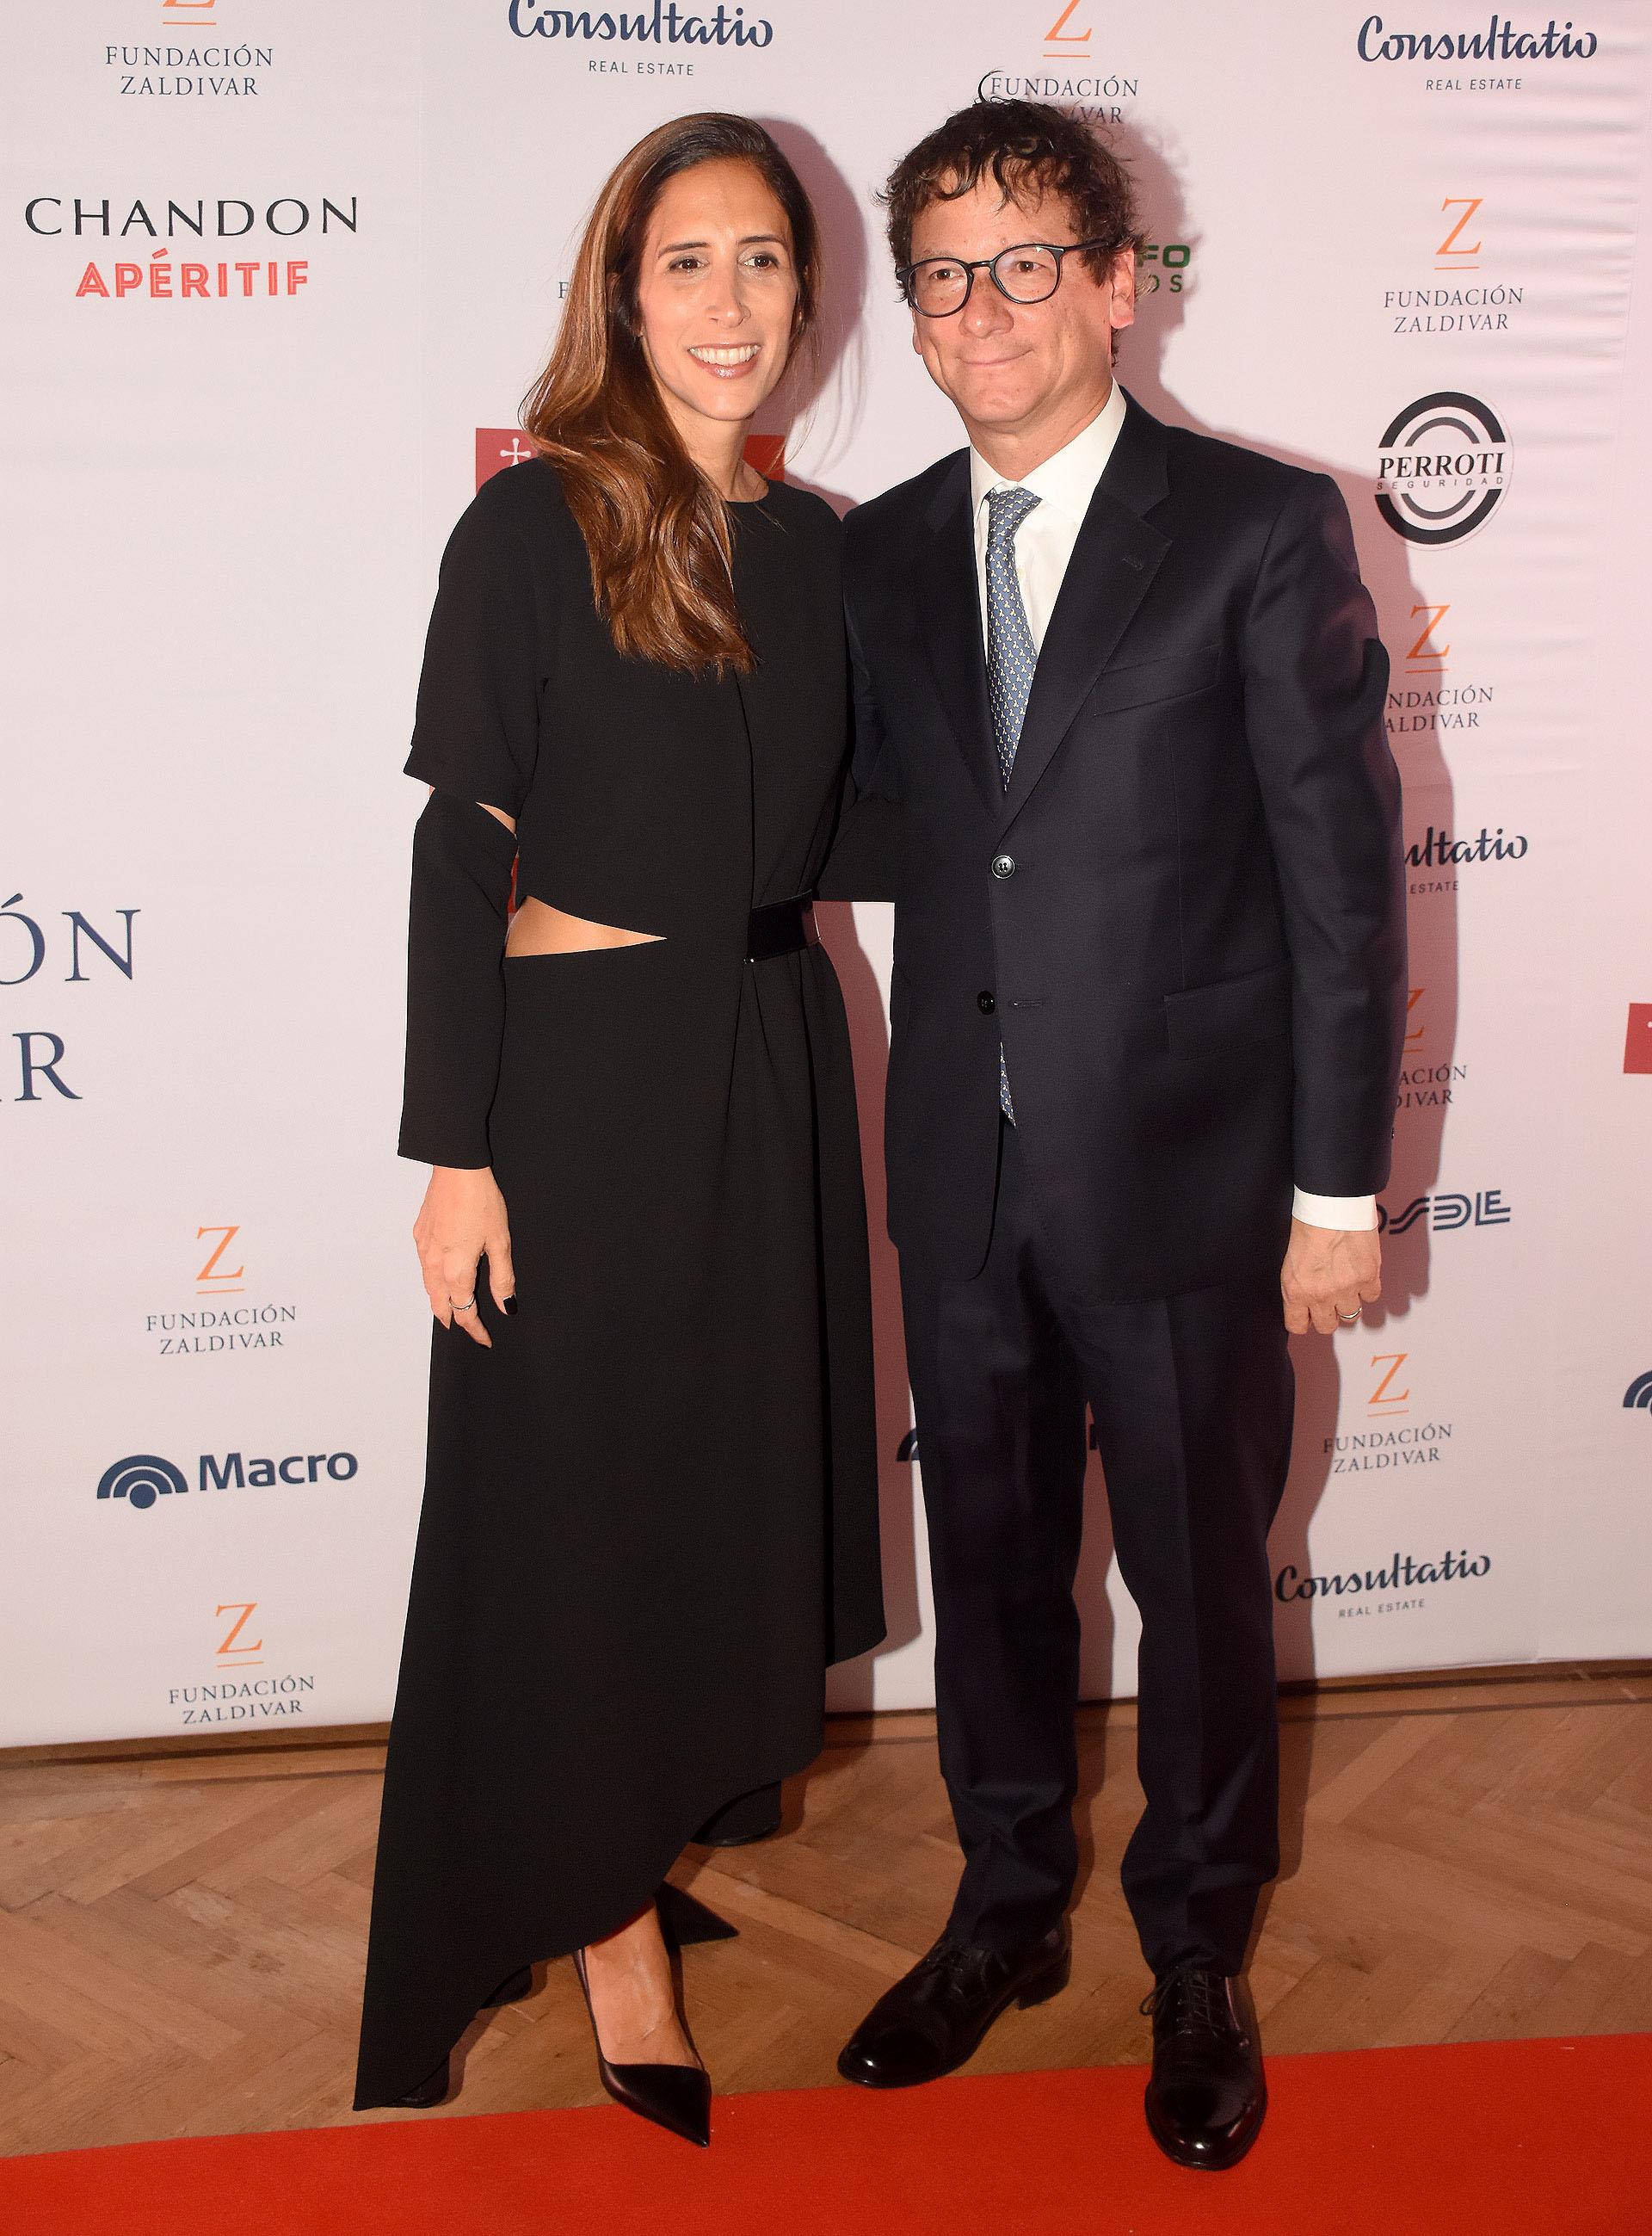 Gabriel Martino, presidente de HSBC Argentina, su mujer Florencia Perotti